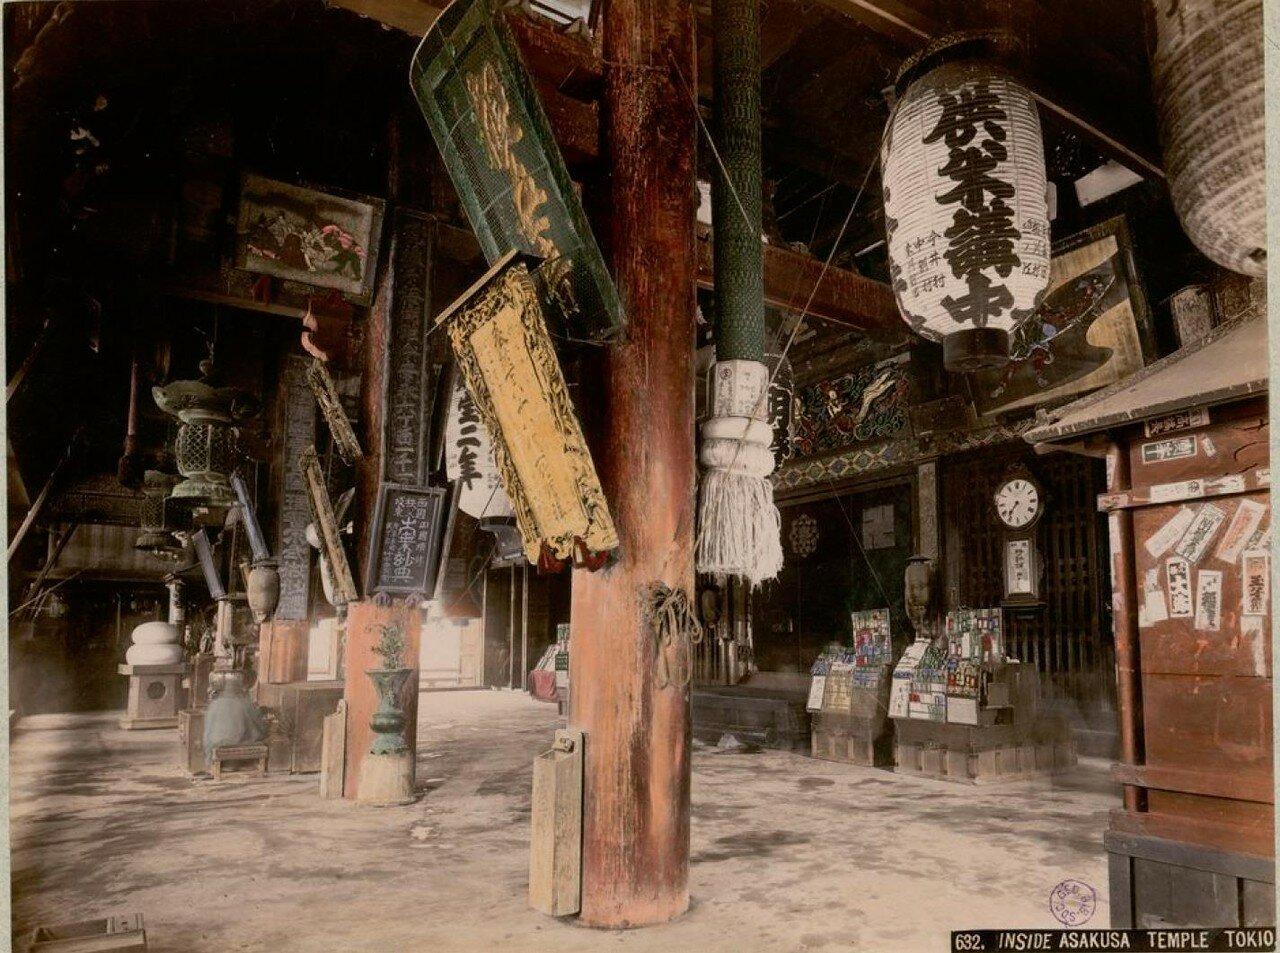 Токио. Квартал Асакуса. Внутри храма Сэнсо-дзи